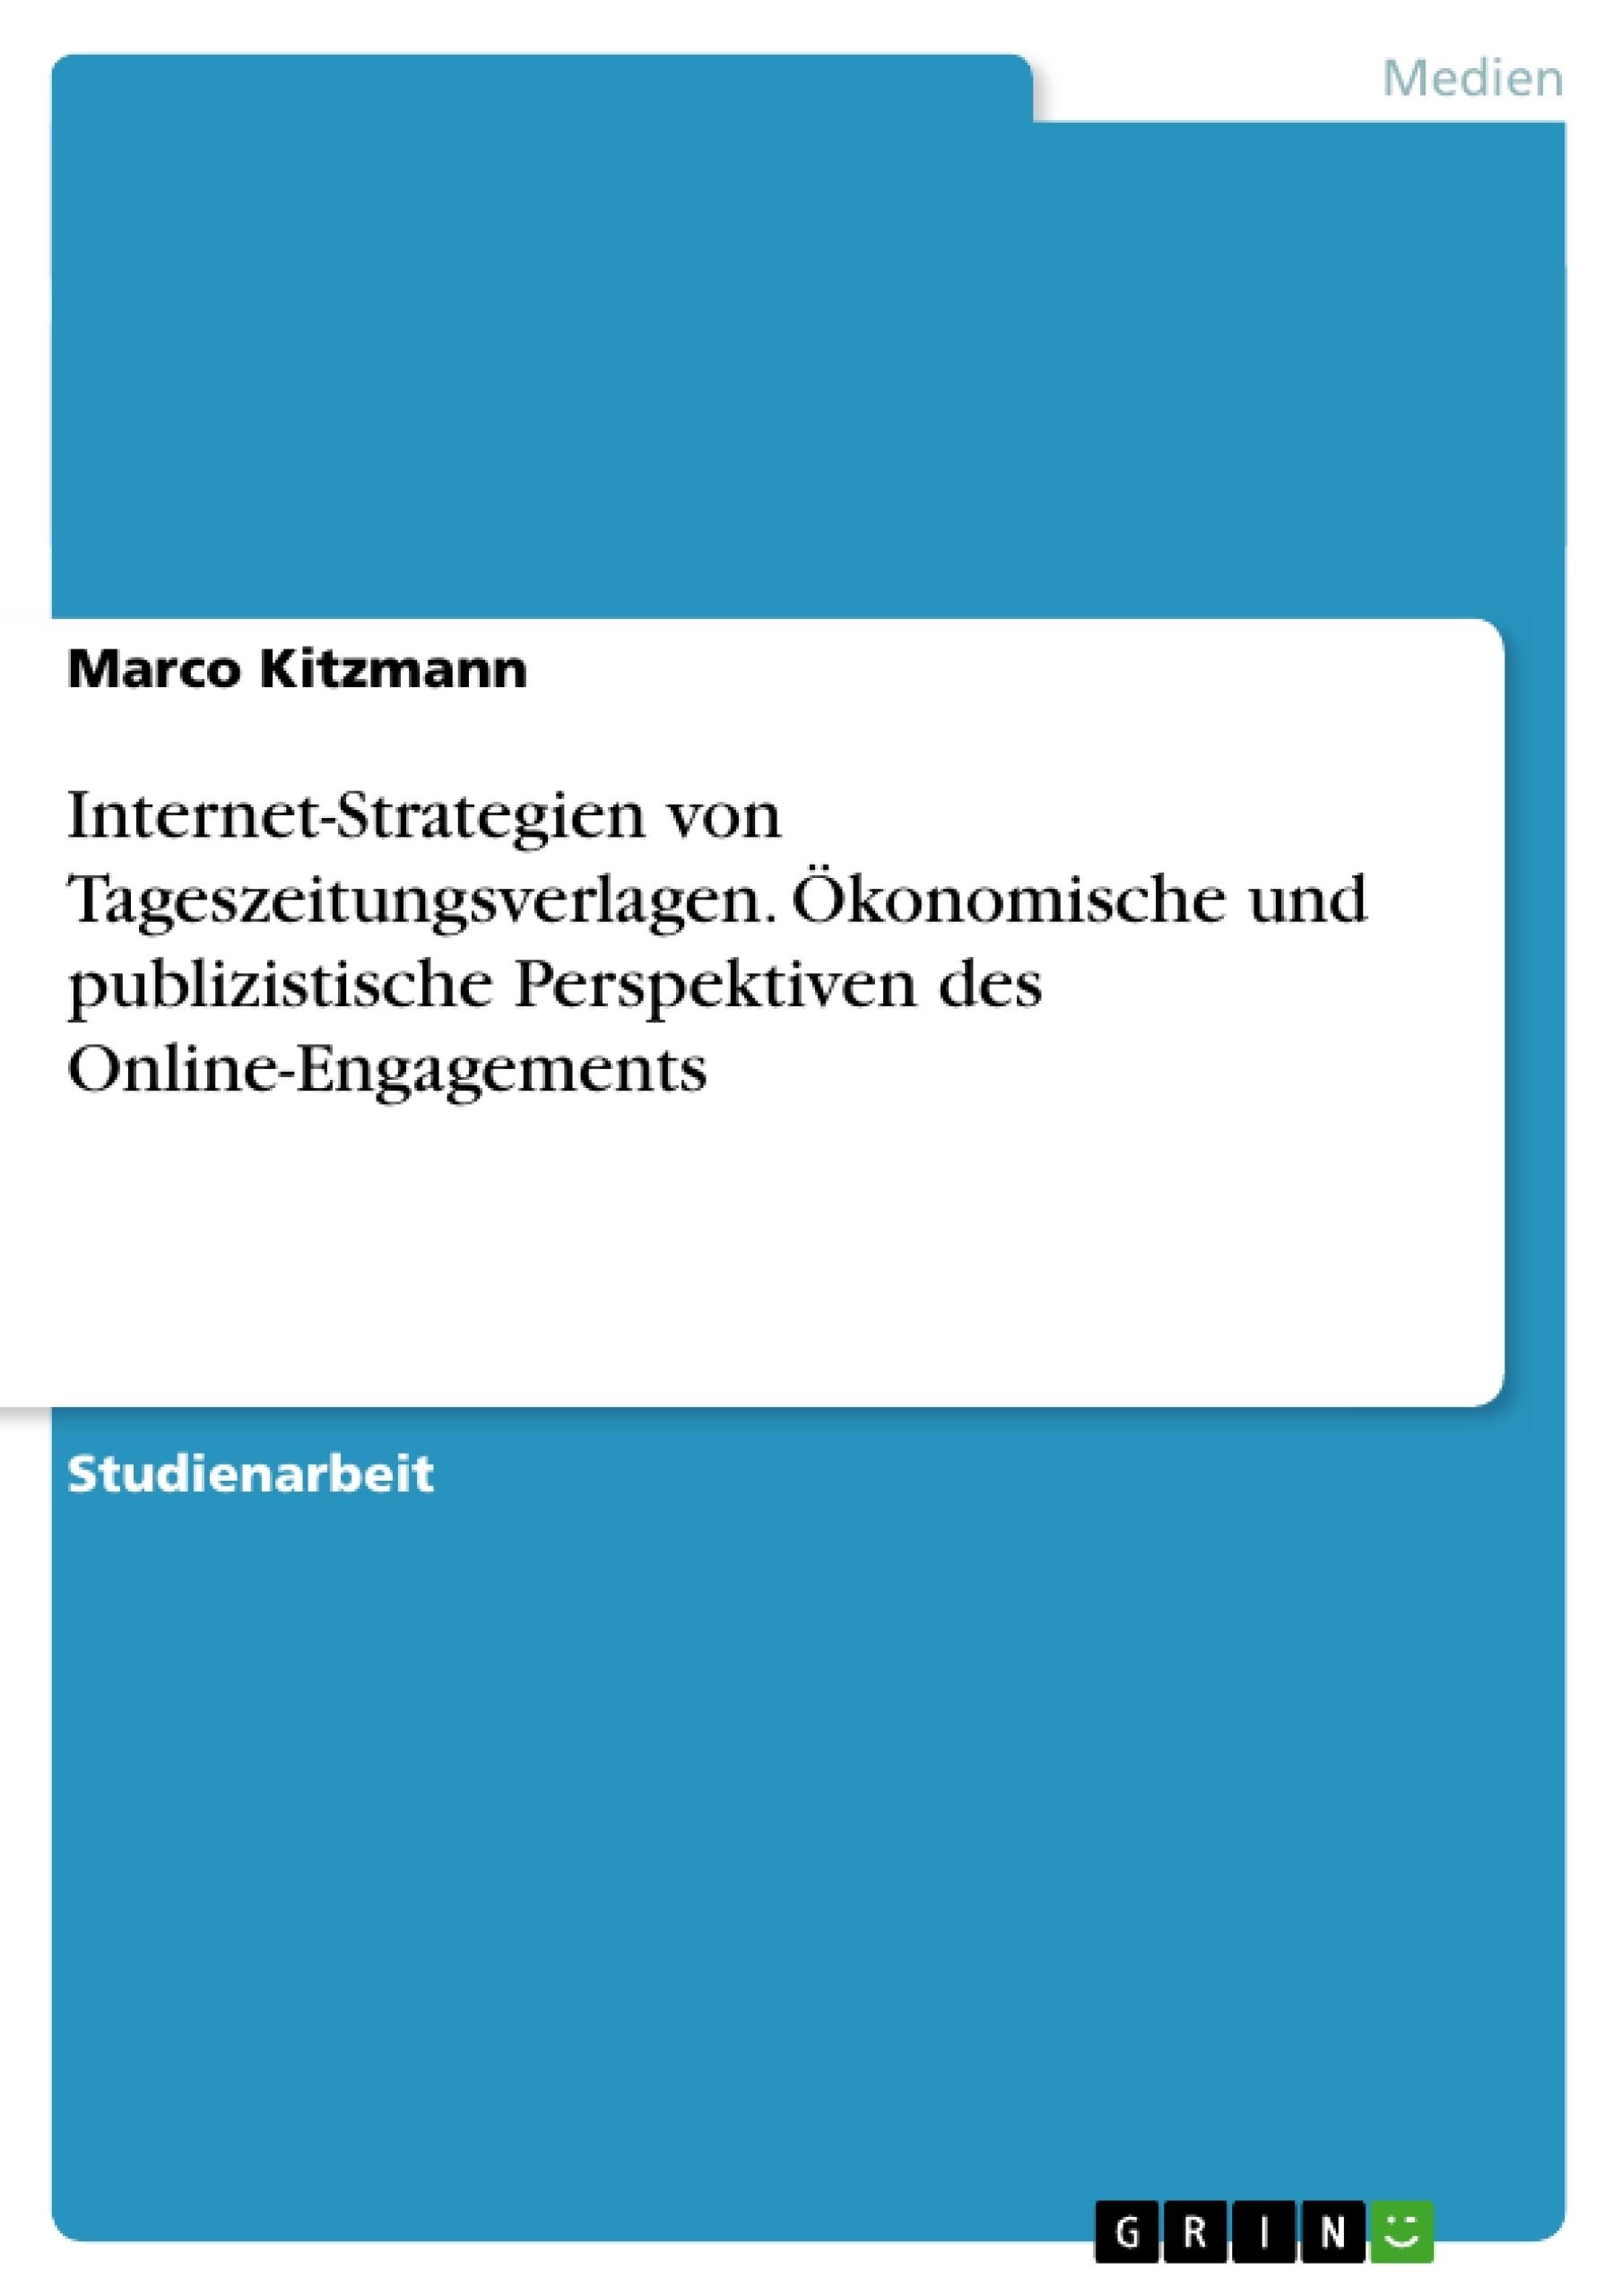 Titel: Internet-Strategien von Tageszeitungsverlagen. Ökonomische und publizistische Perspektiven des Online-Engagements